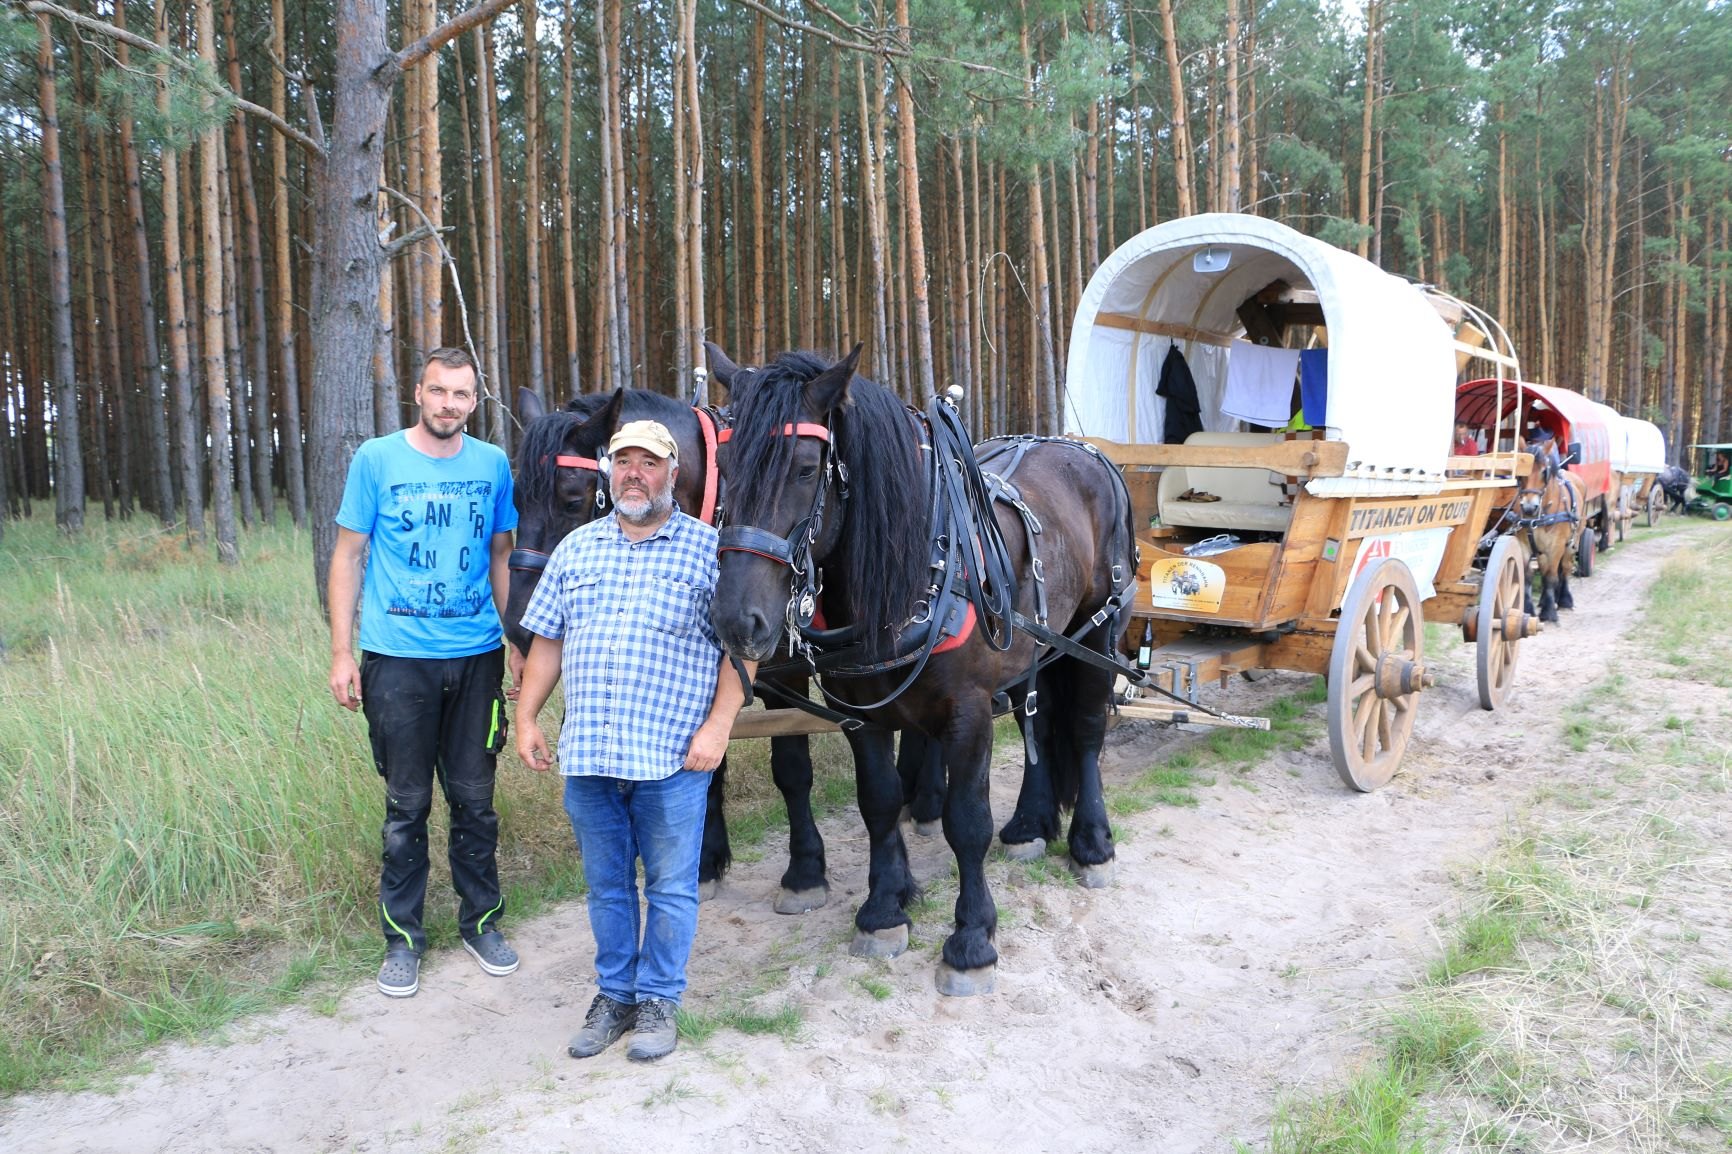 Titanen on tour 2018 - Mirko 1. von links mit seinen Pferden